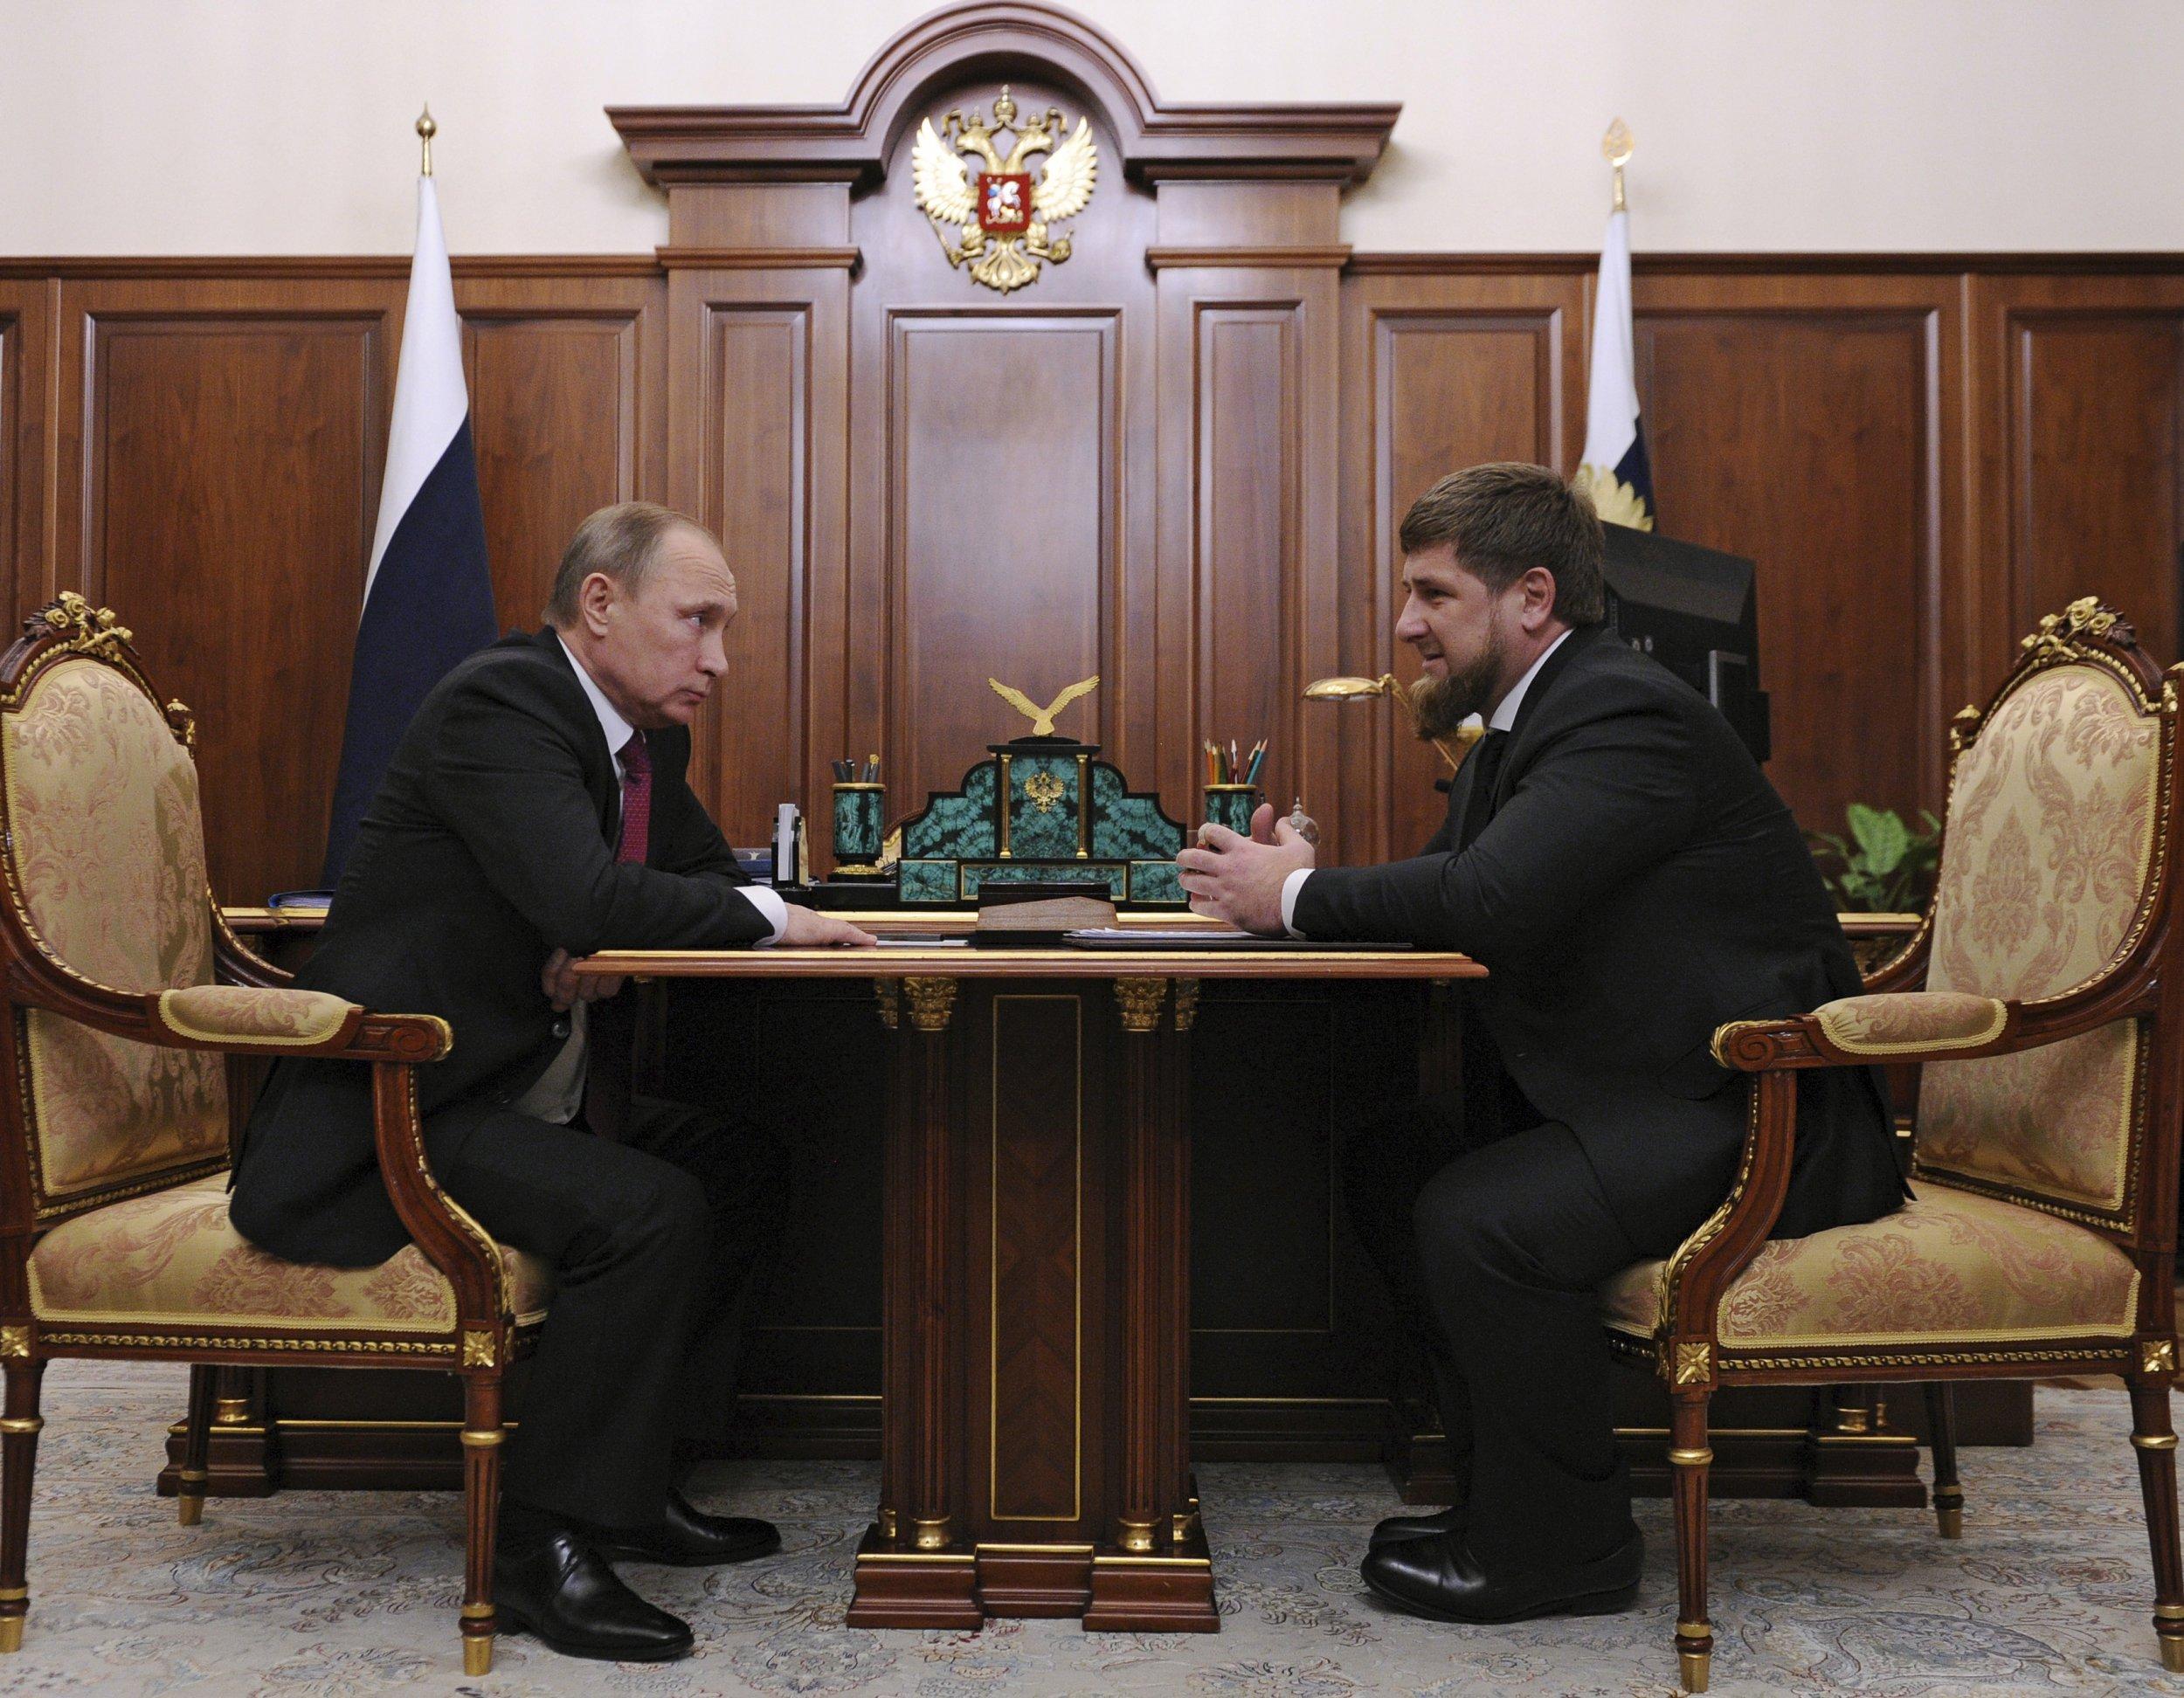 Putin sits opposite Chechen President Kadyrov